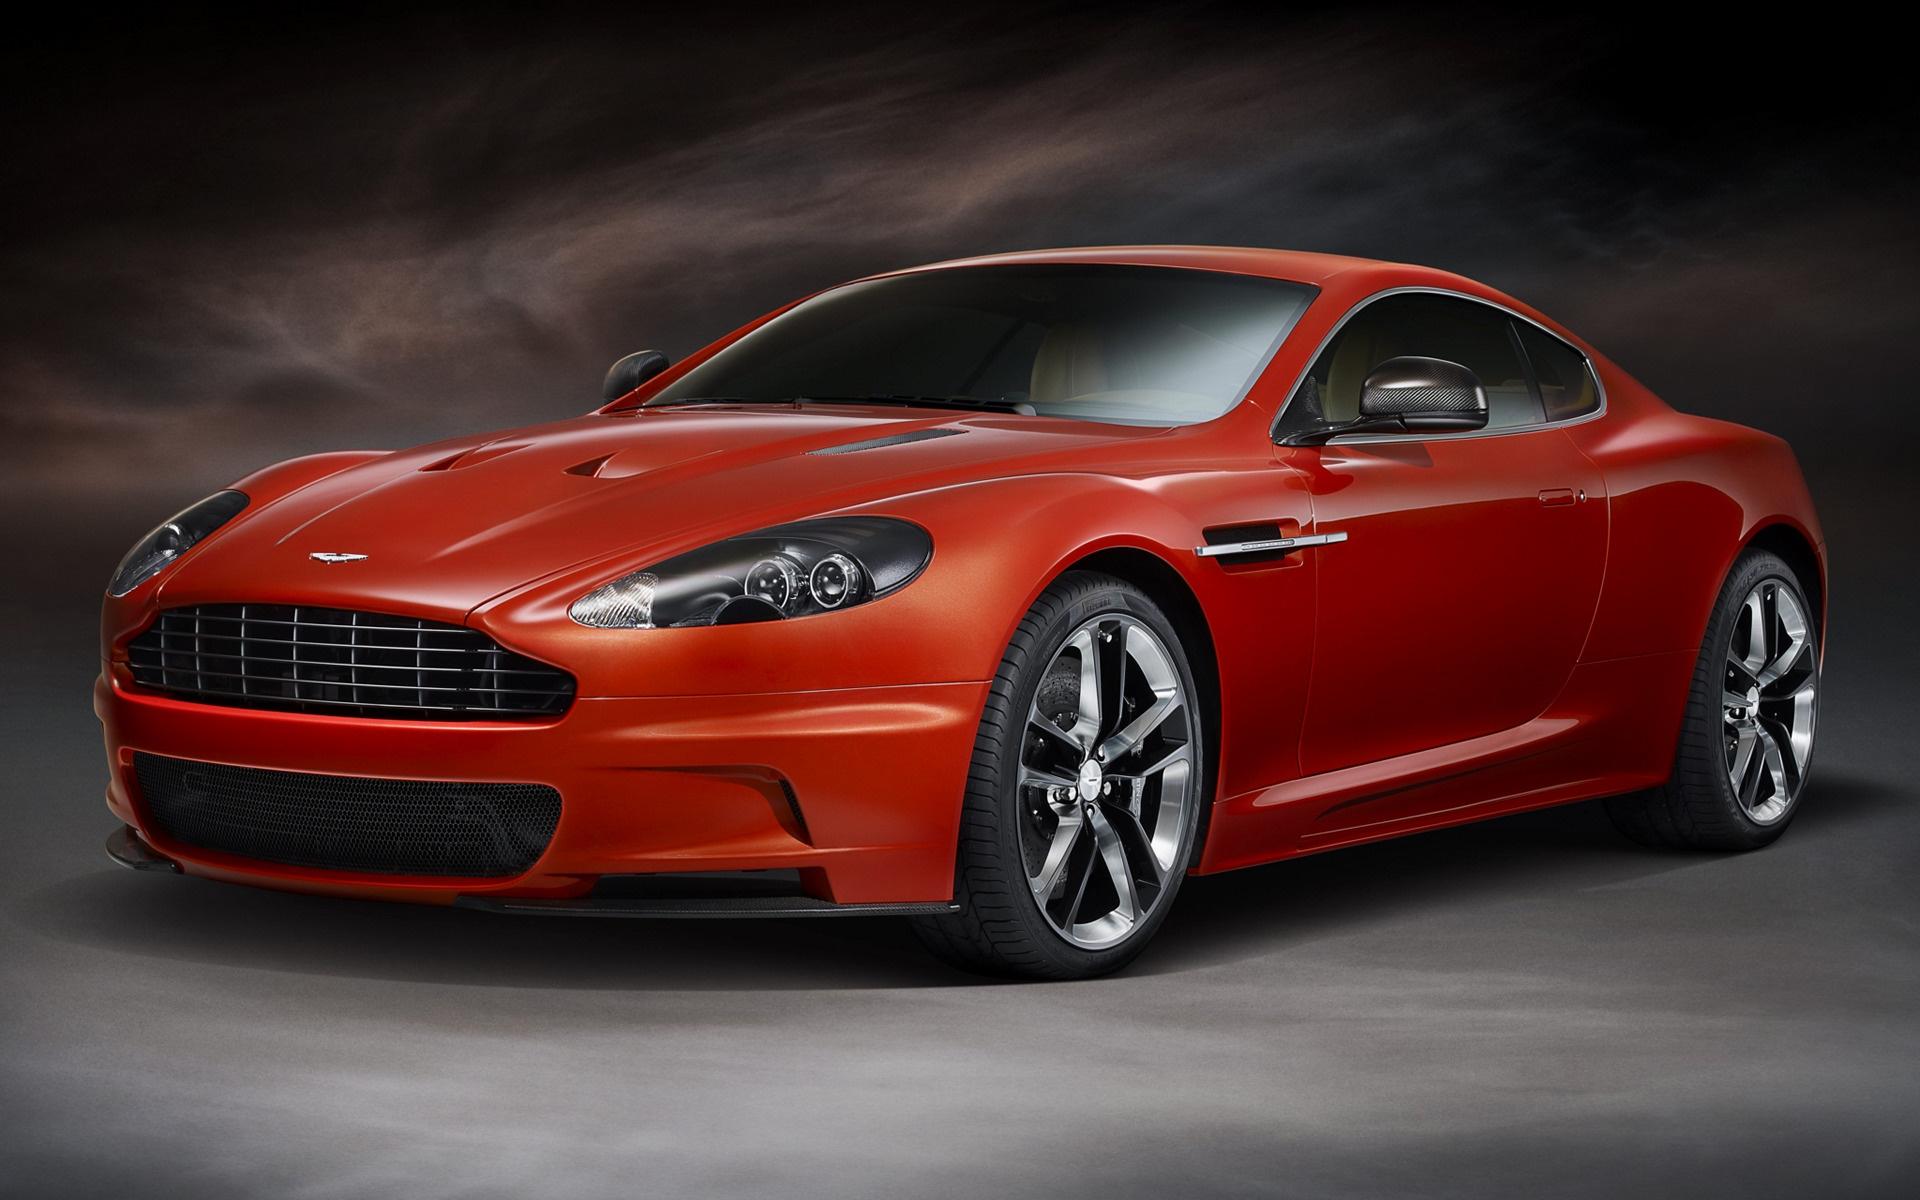 2011 Aston Martin Dbs Carbon Edition Hintergrundbilder Und Wallpaper In Hd Car Pixel